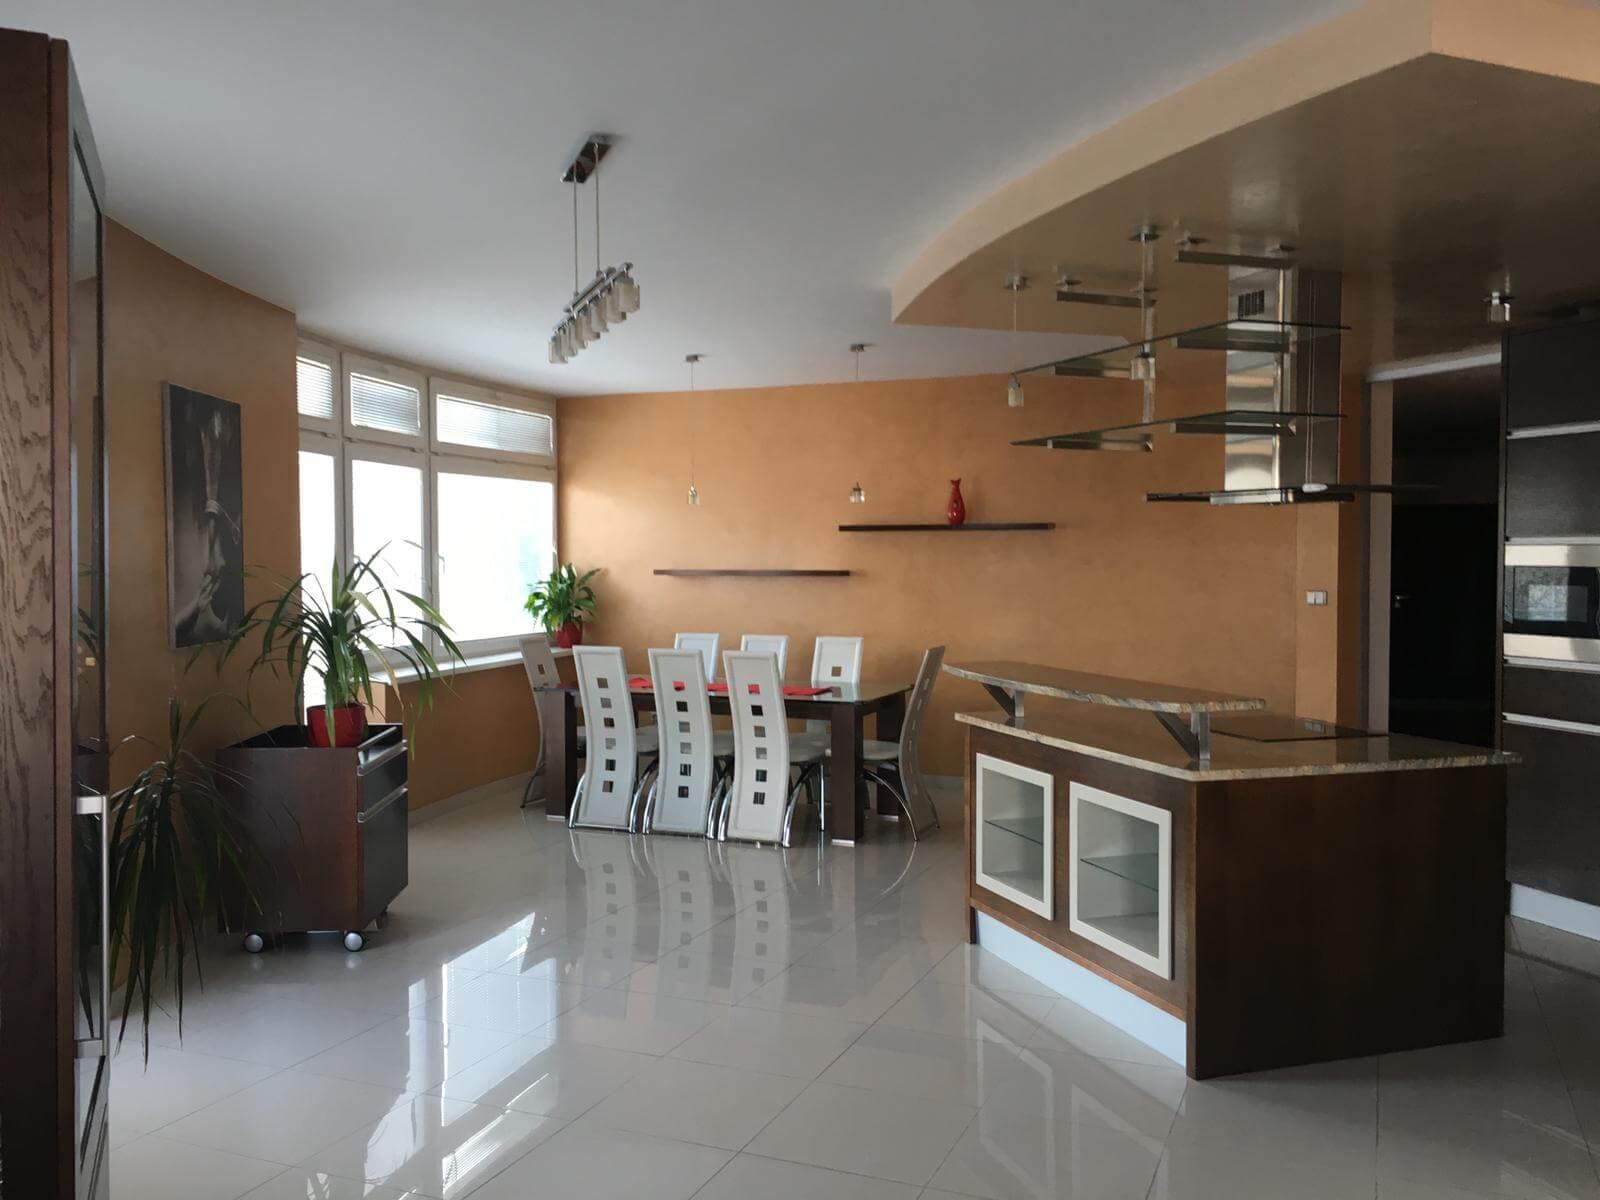 Prenajate: Prenájom 4 izbového luxusného bytu, Pri Slavíne, novostavba, 2x parkovanie, Boženy Nemcovej, Centrum-0